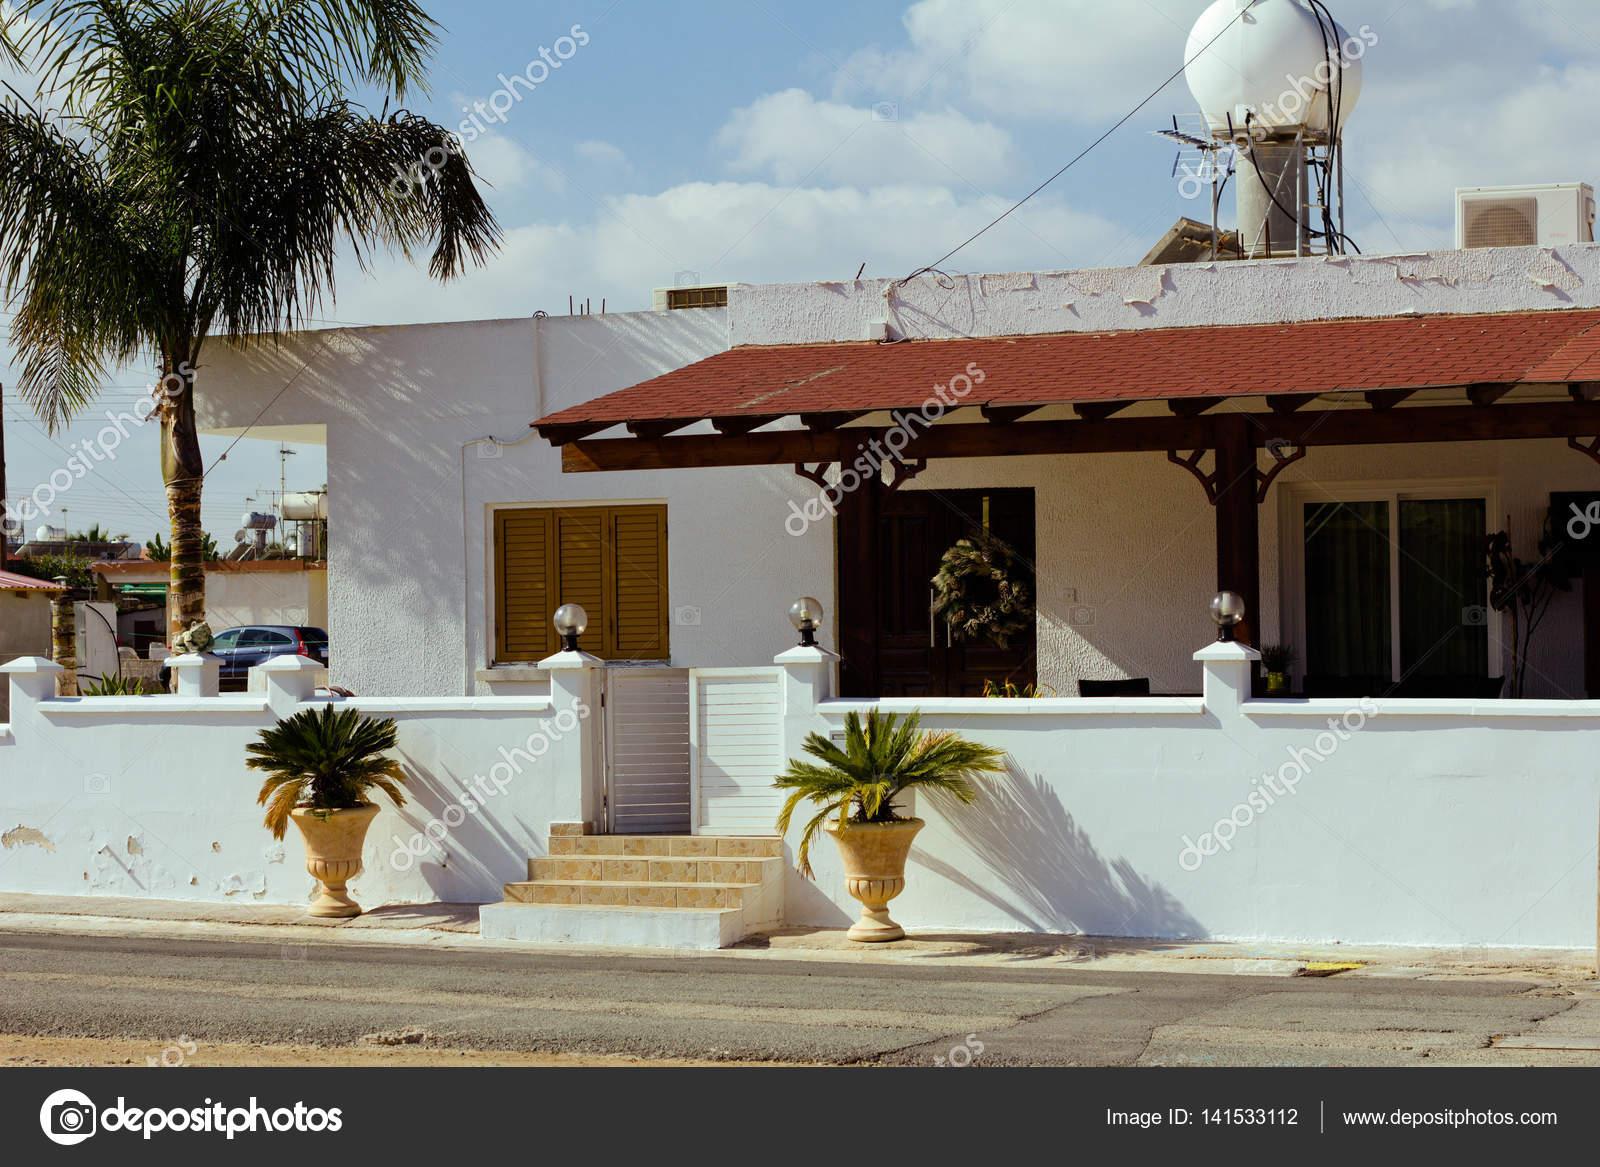 Ansprechend Mediterranes Haus Beste Wahl Alten Typisch Mit Fensterläden Aus Holz —